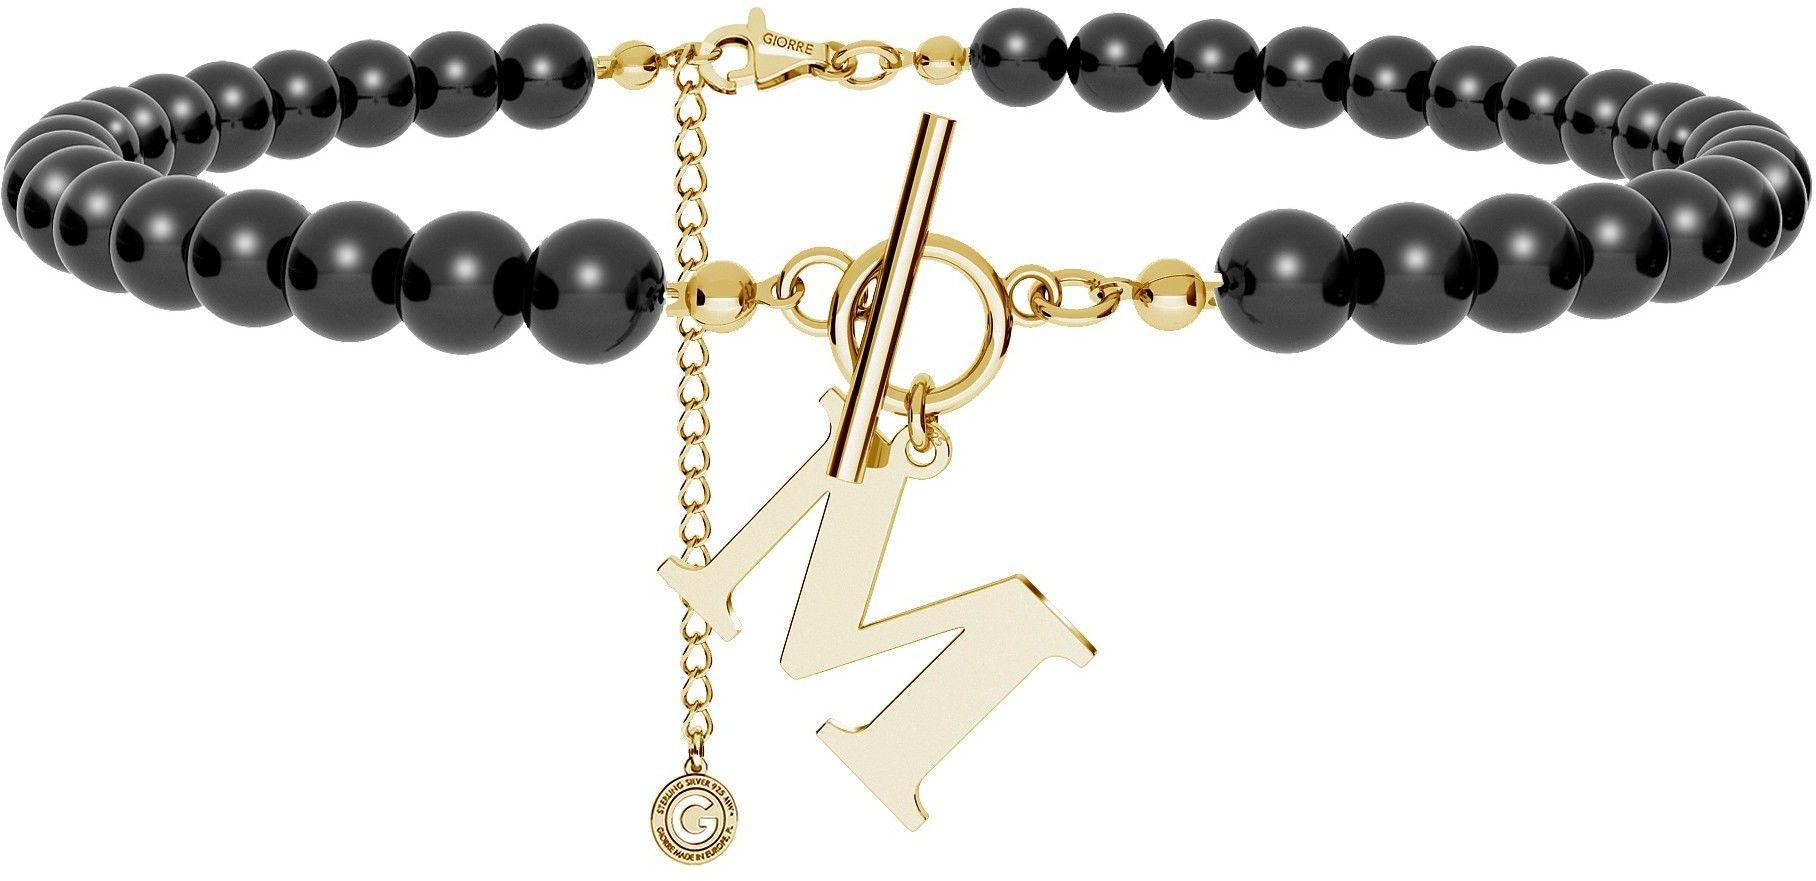 Czarny perłowy choker z dowolną literą, Swarovski, srebro 925 : Litera - V, Srebro - kolor pokrycia - Pokrycie żółtym 18K złotem